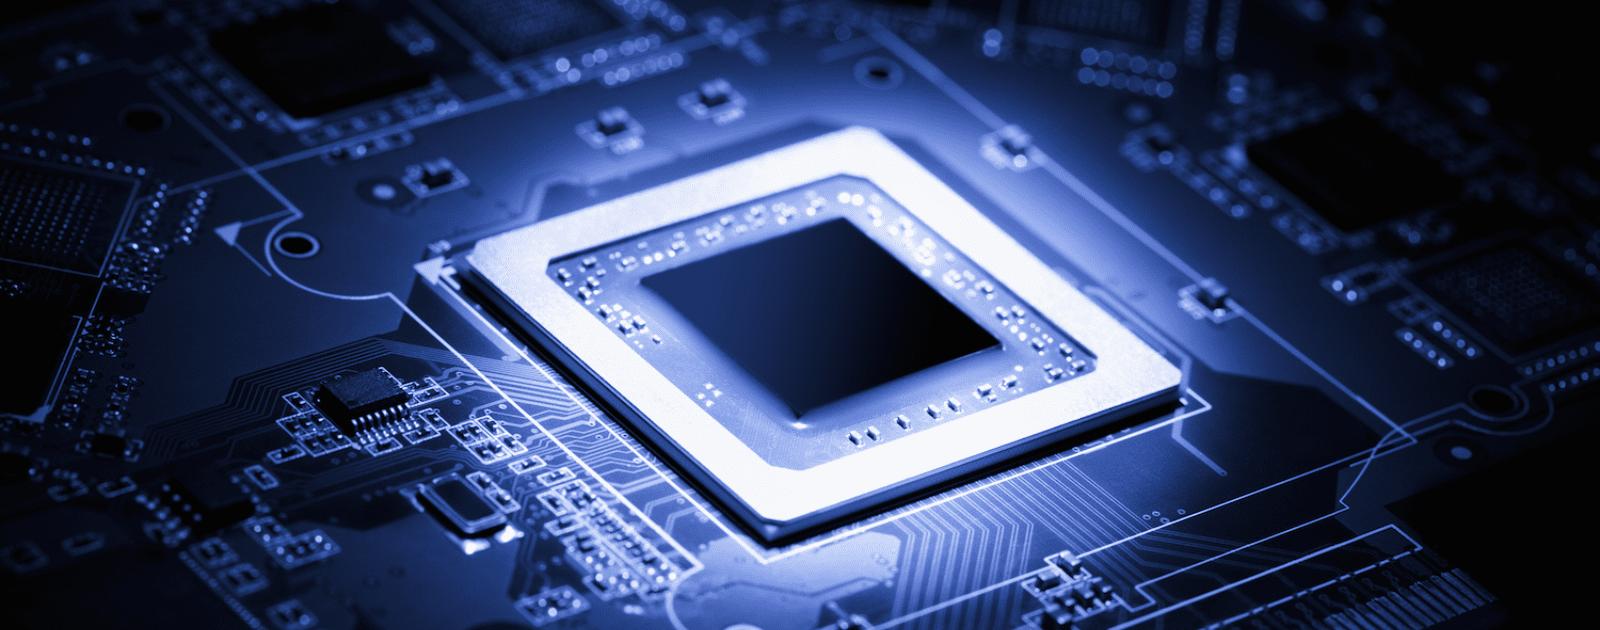 Apple заняла почти половину рынка процессоров для планшетов ()